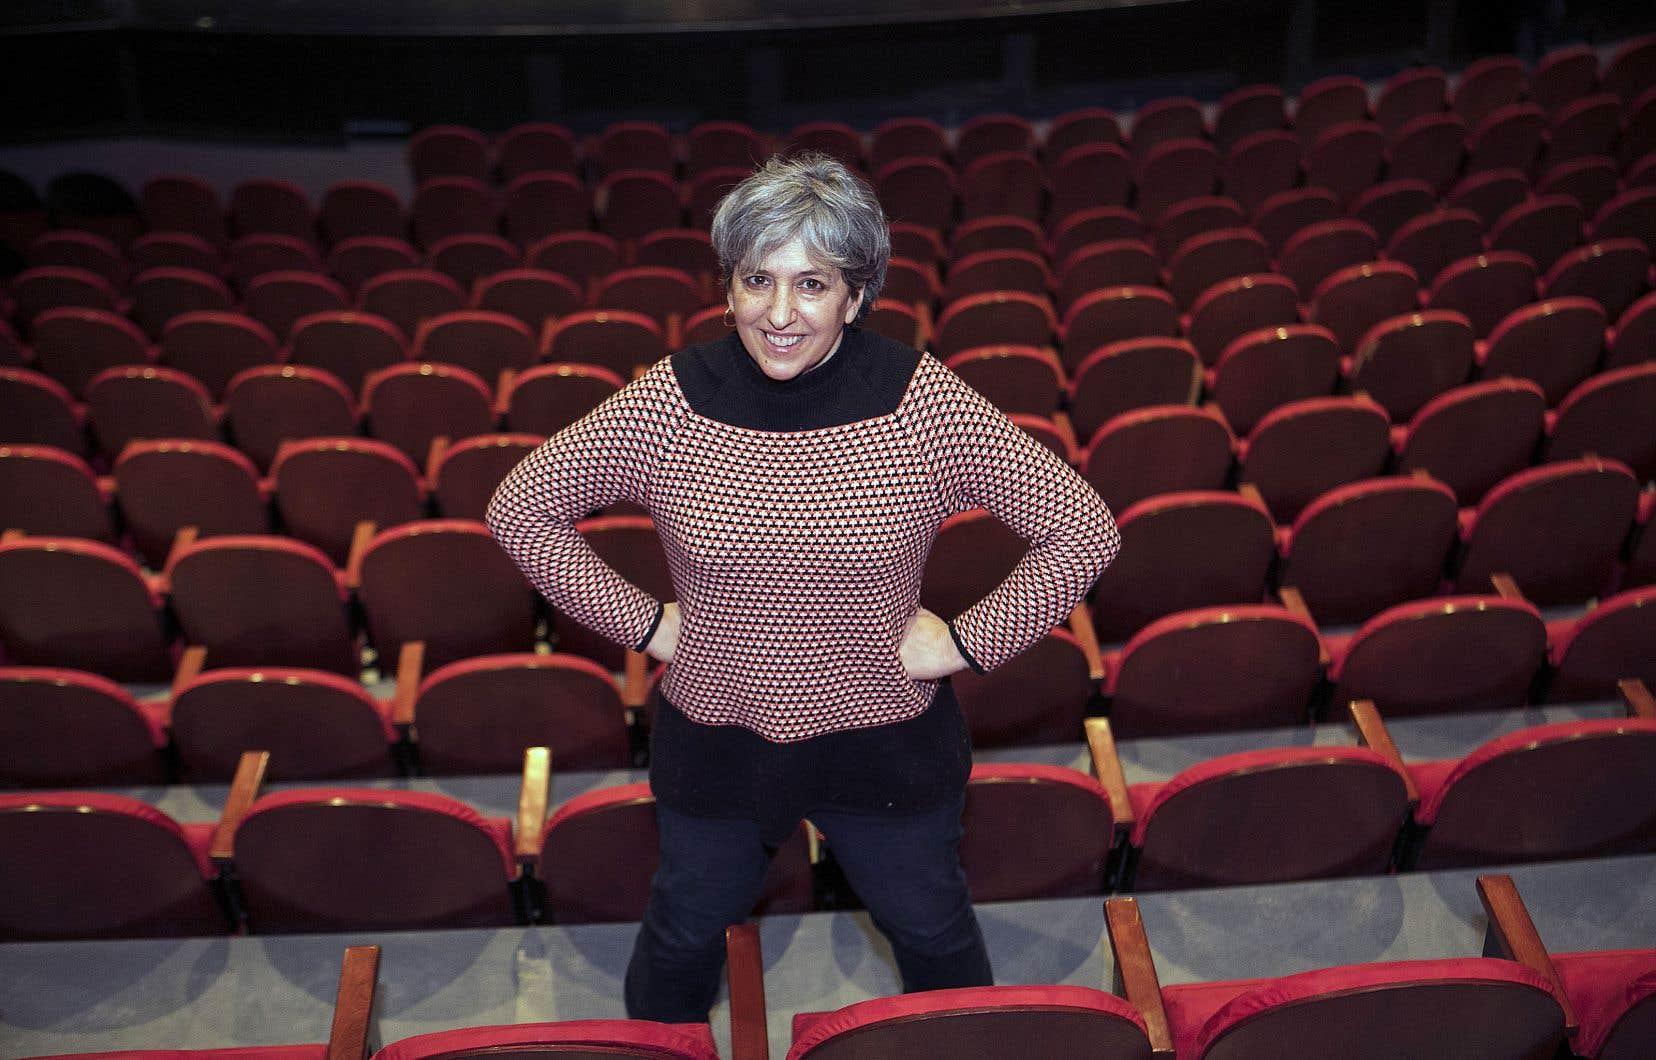 C'est avec un spectacle aux allures de comédie musicale faite de paroles, de chansons et d'humour que Nathalie Derome s'adresse aux enfants.